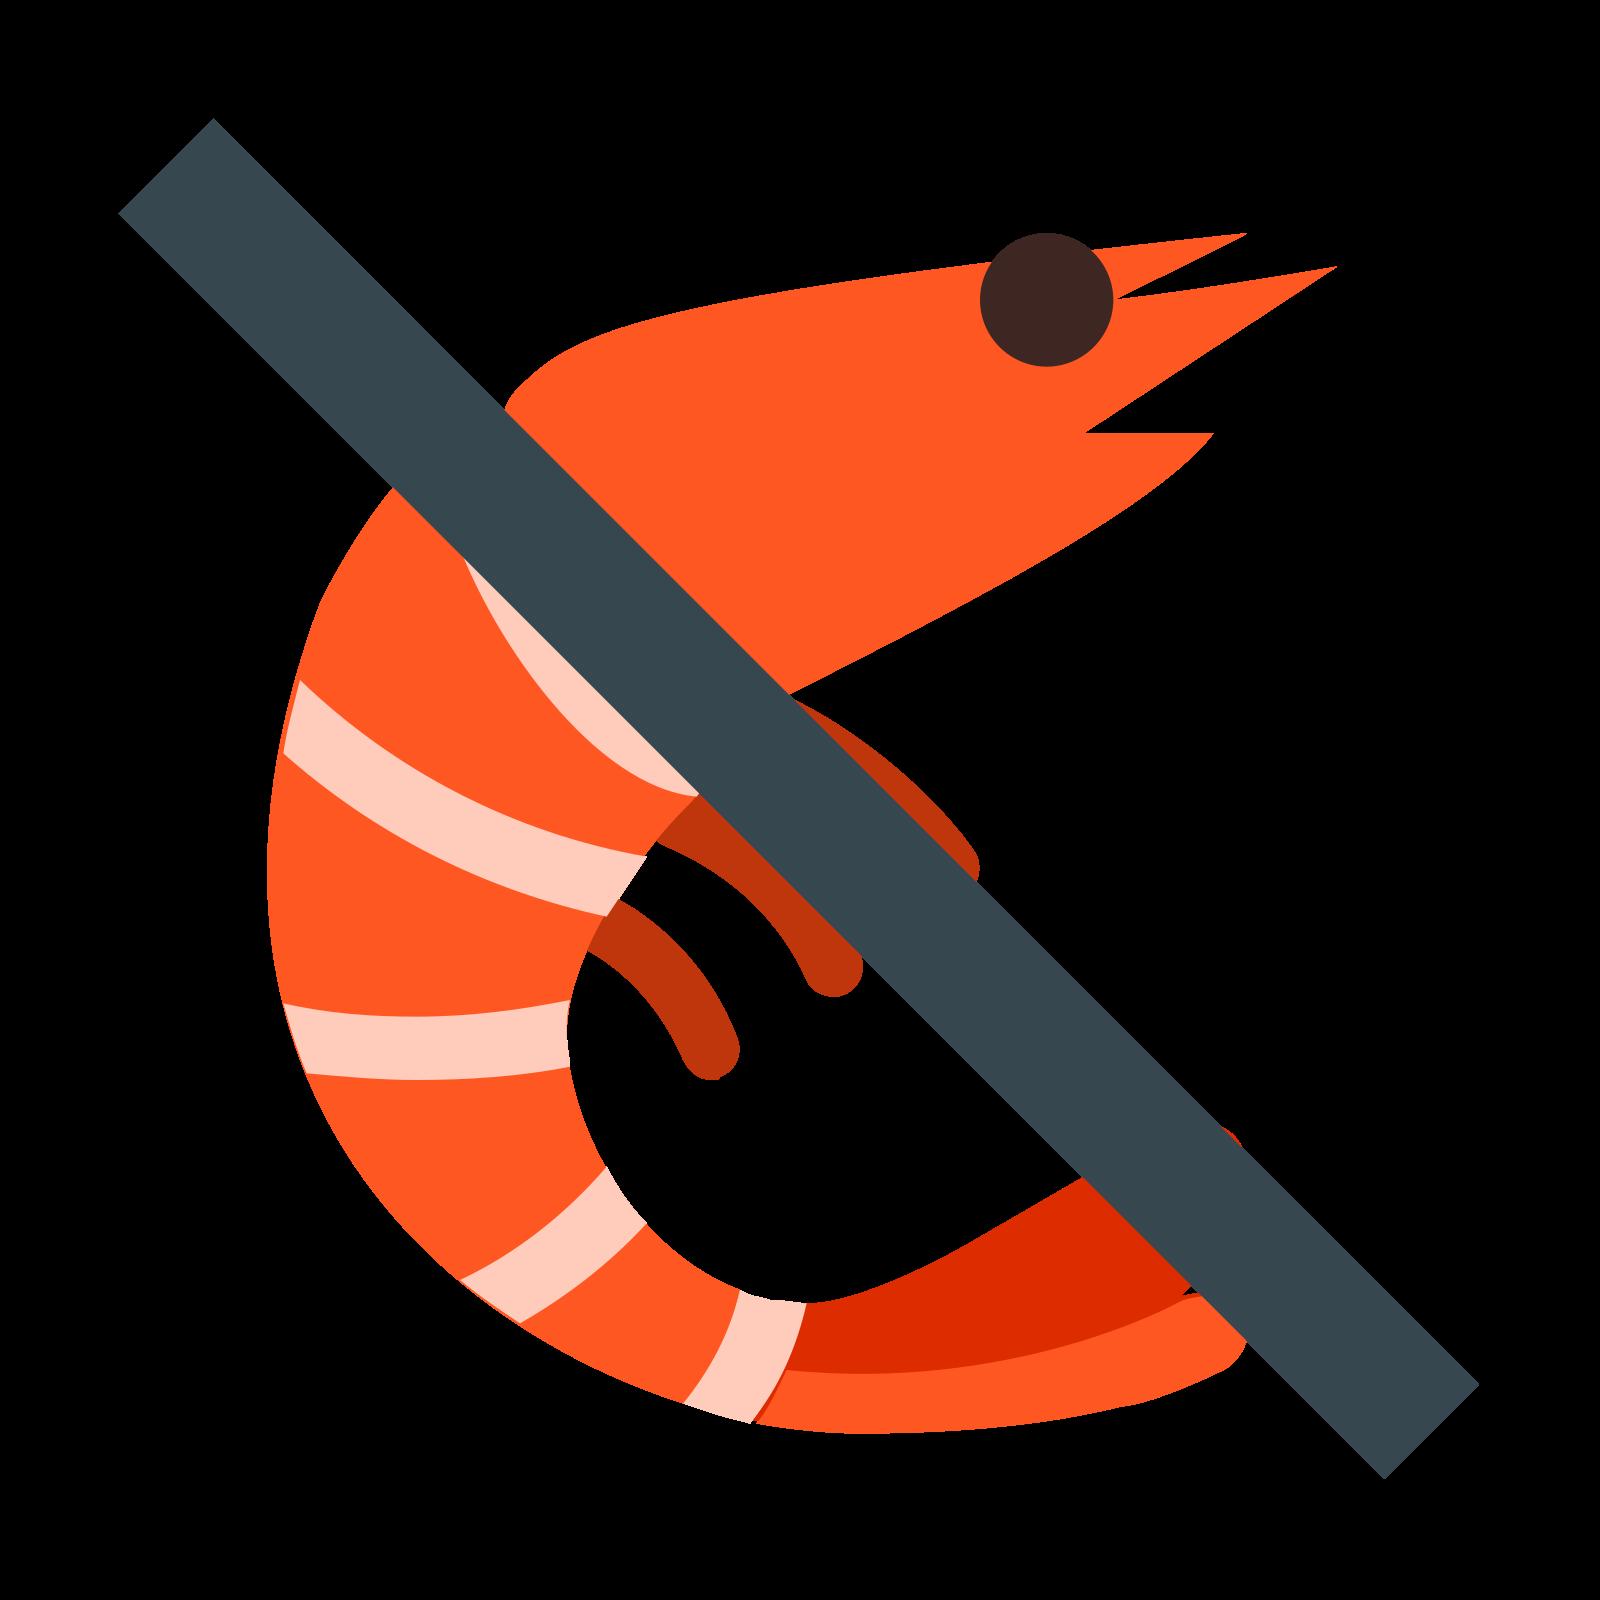 没有甲壳类动物 icon. This icon is depicting a shrimp or some other type of shellfish with a line drawn through it. The shrimp had two legs and three lines drawn across its abdomen.